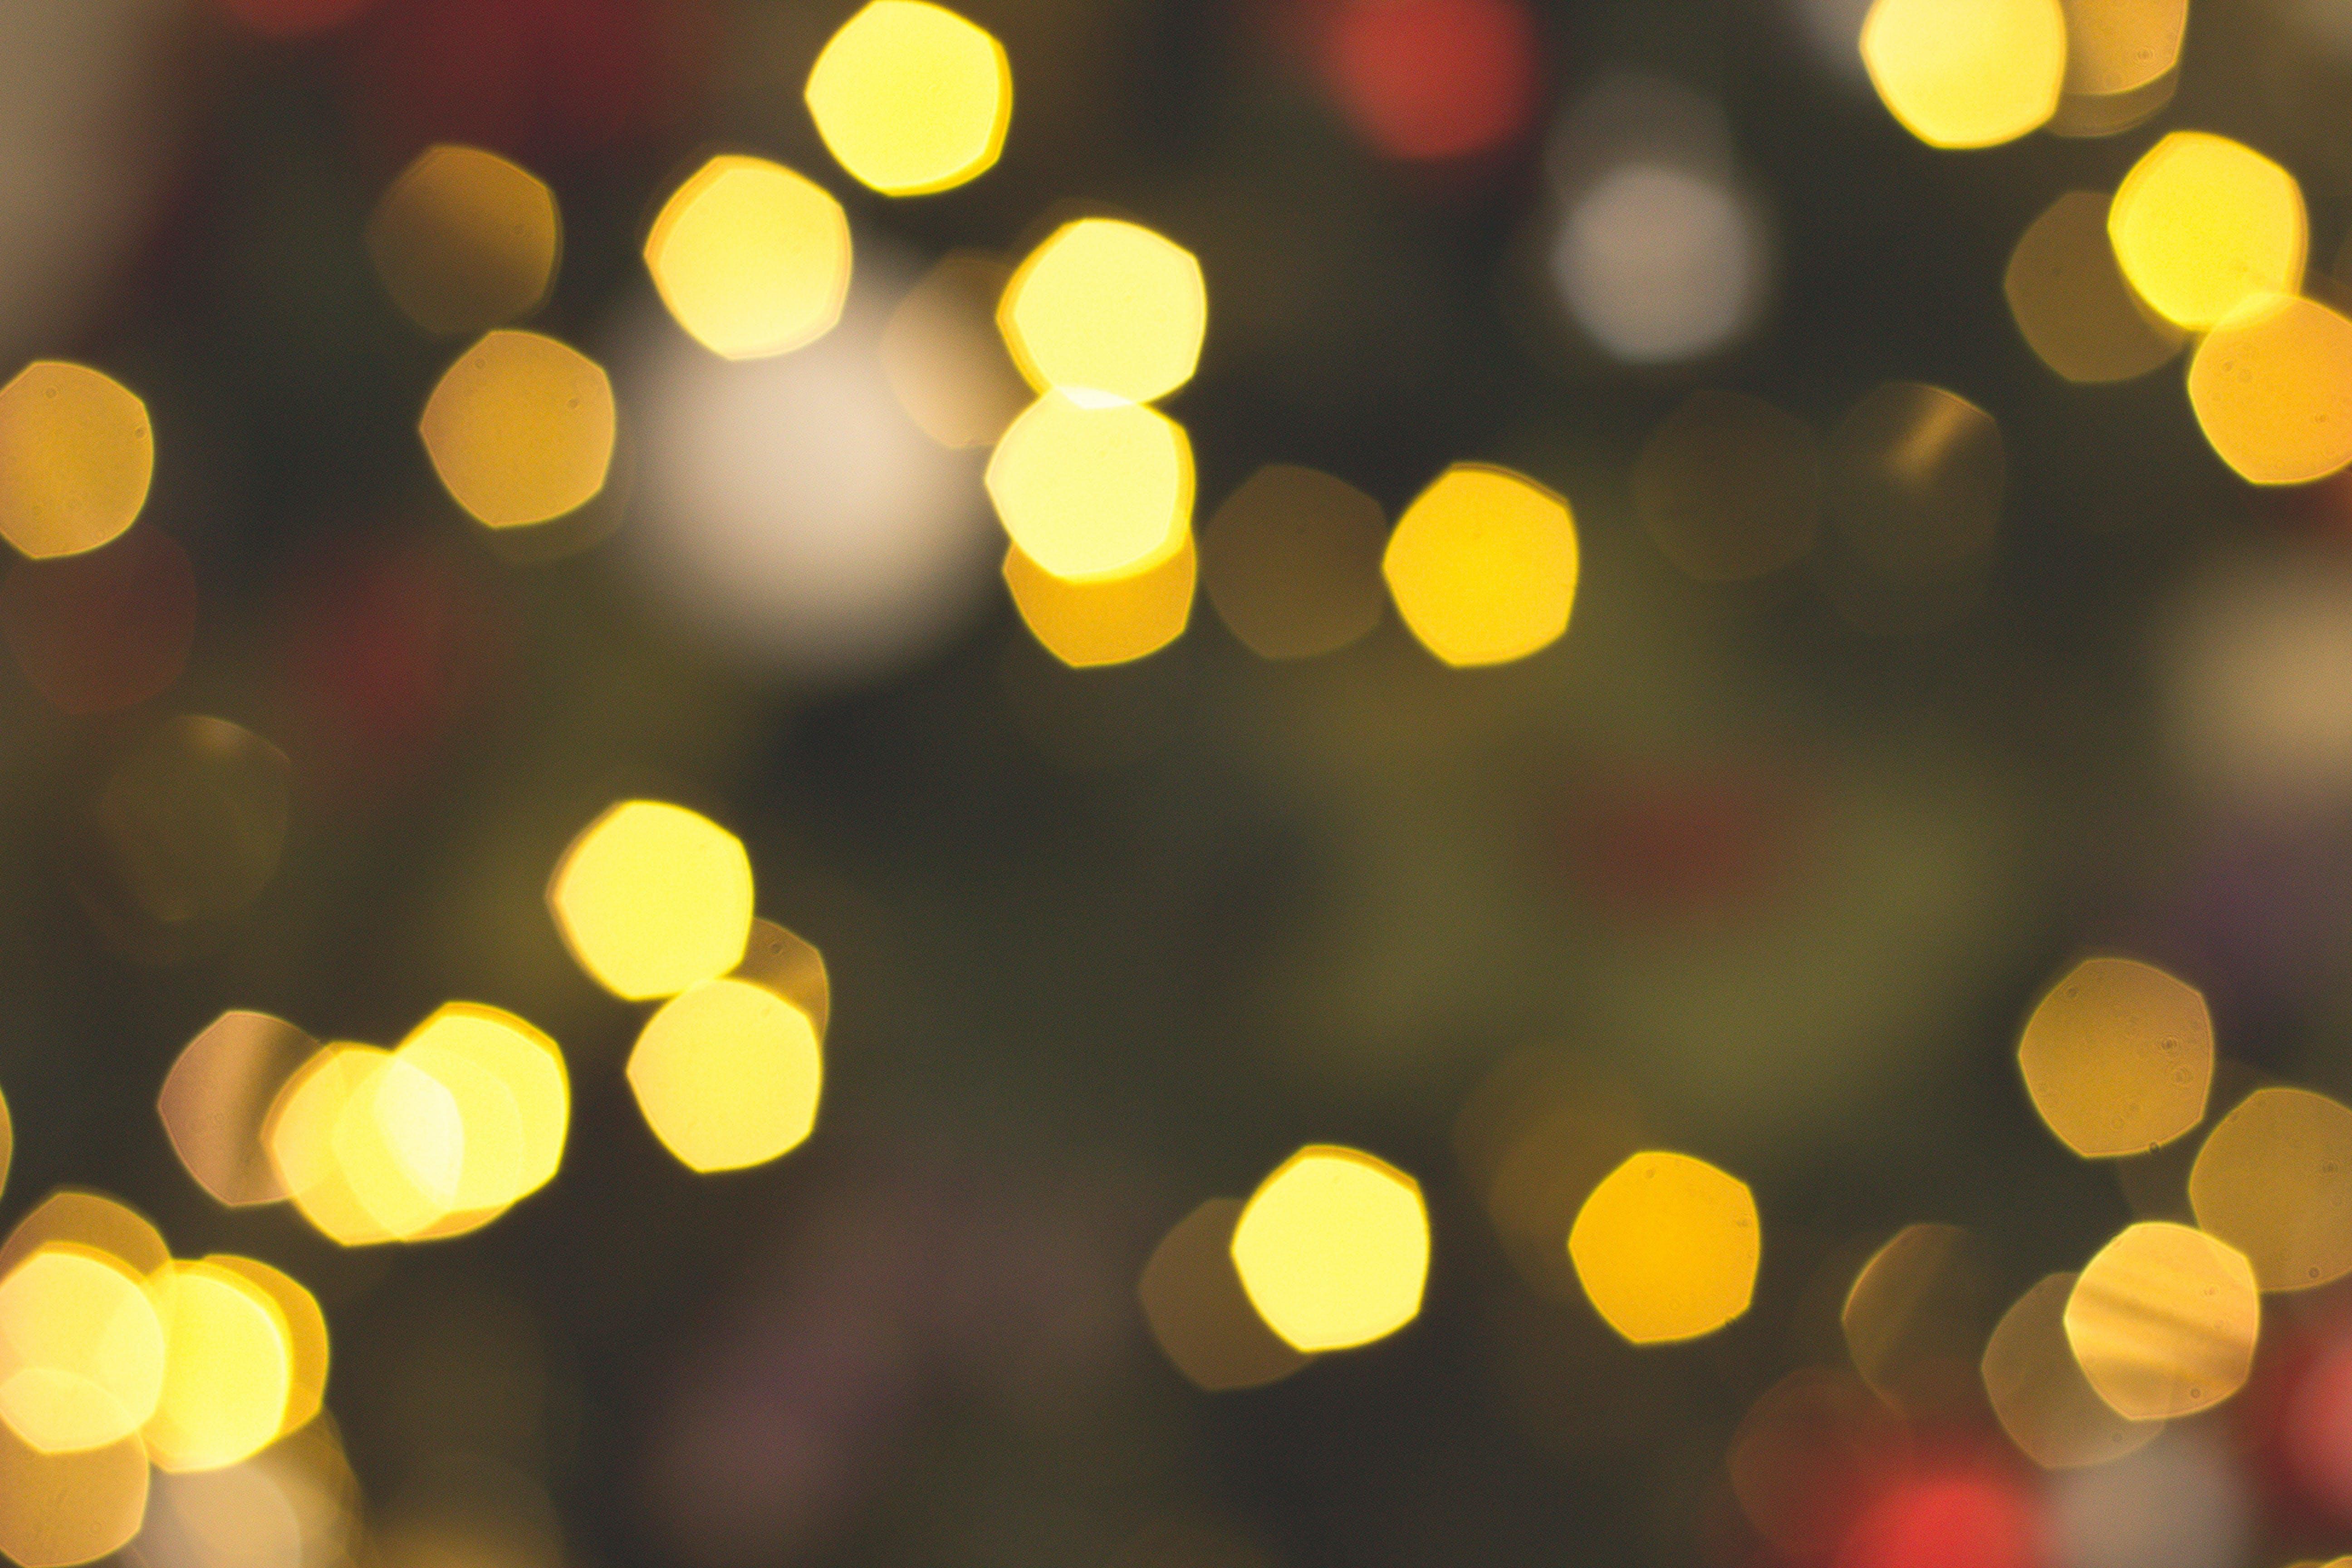 Close-up Photography Bokeh Light